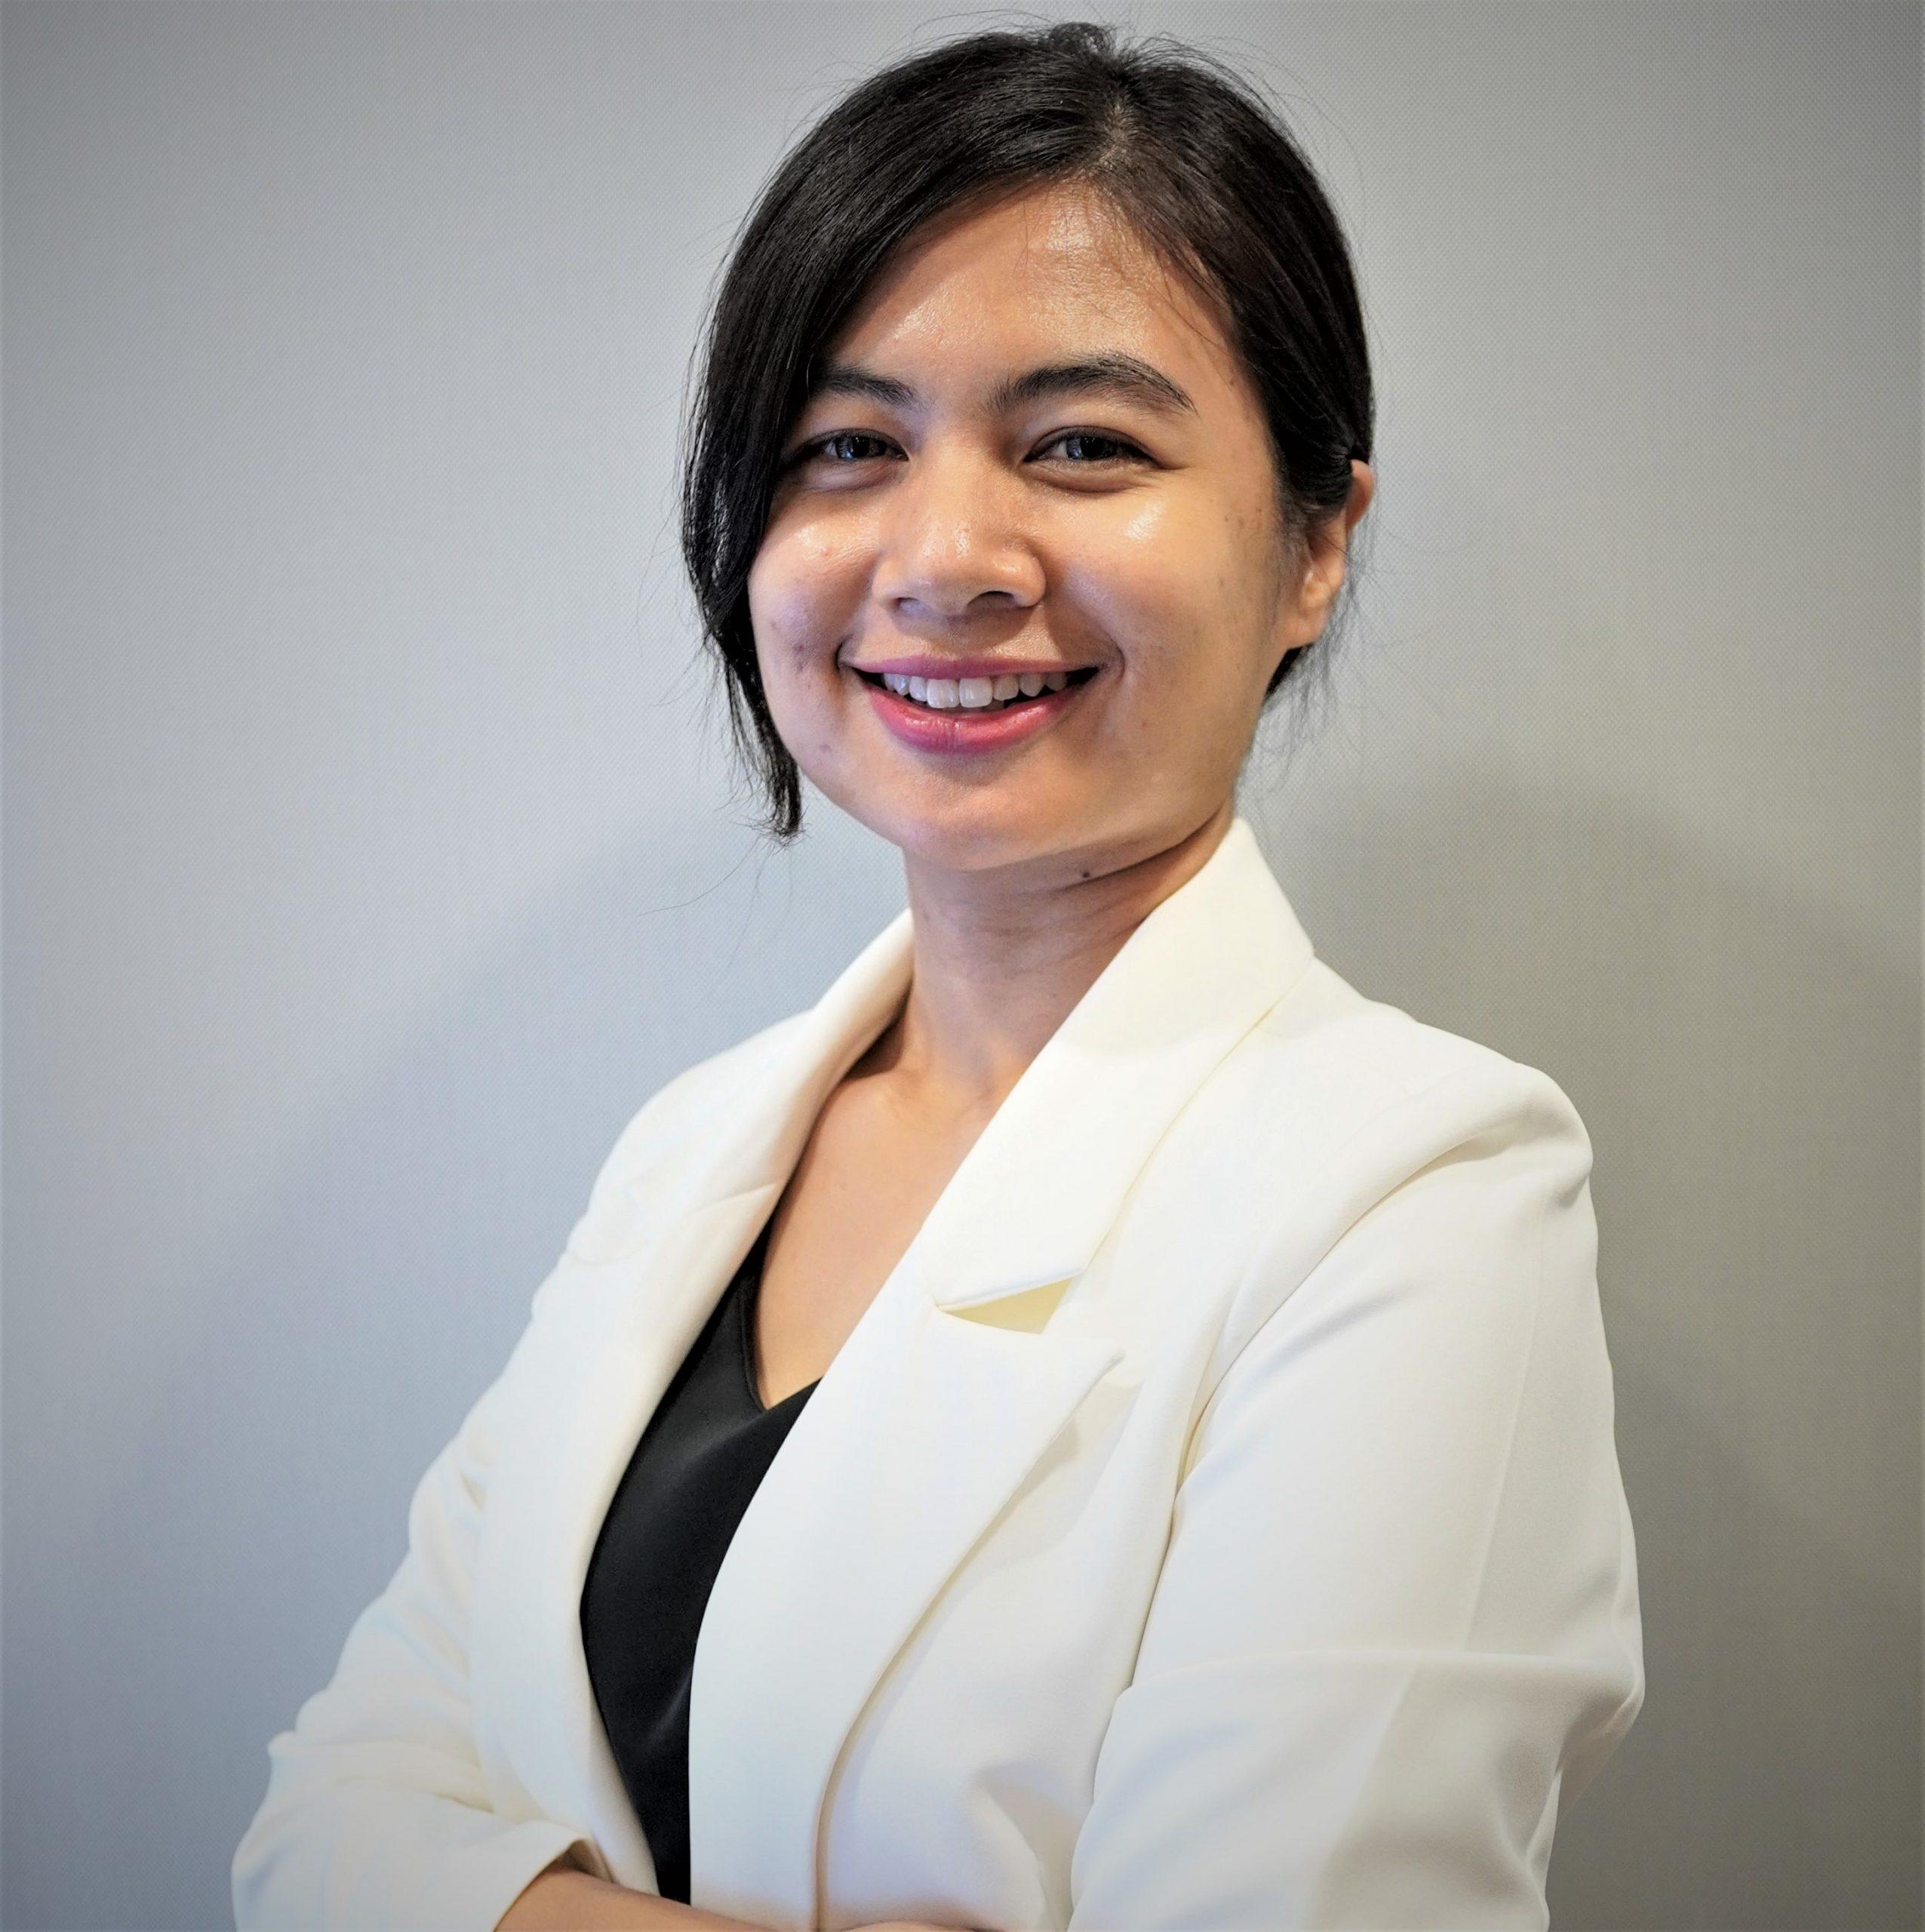 Siti Sabilayaty Mohamed Amin